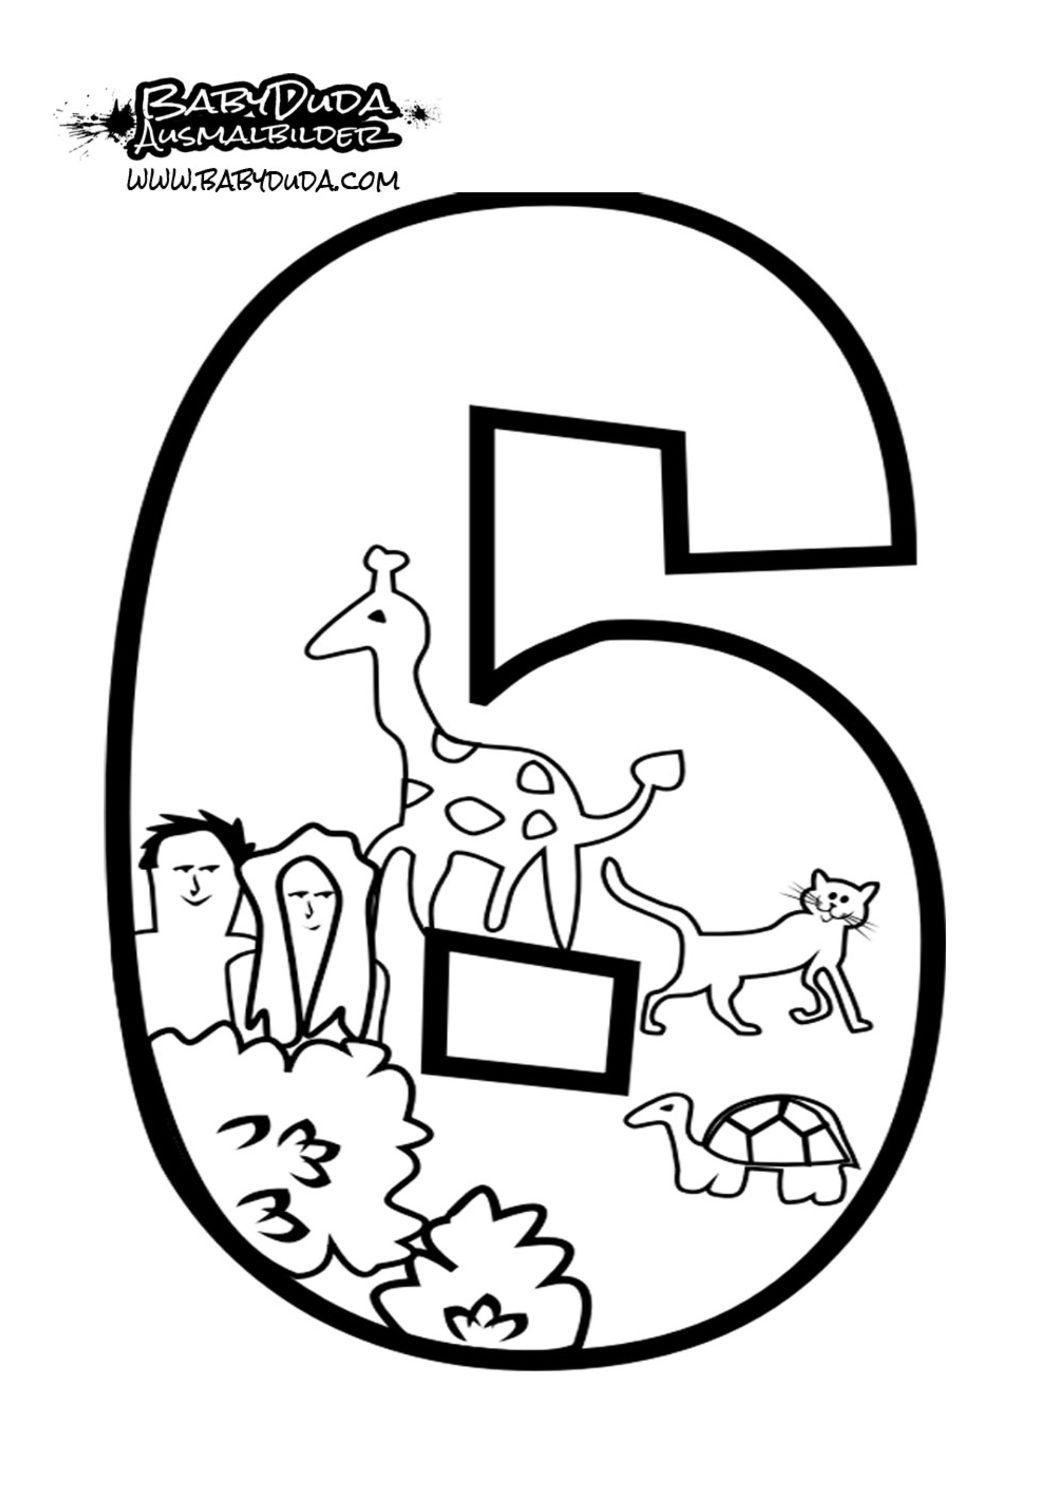 Fantastisch Sieben Tage Der Schöpfung Malvorlagen Galerie - Entry ...